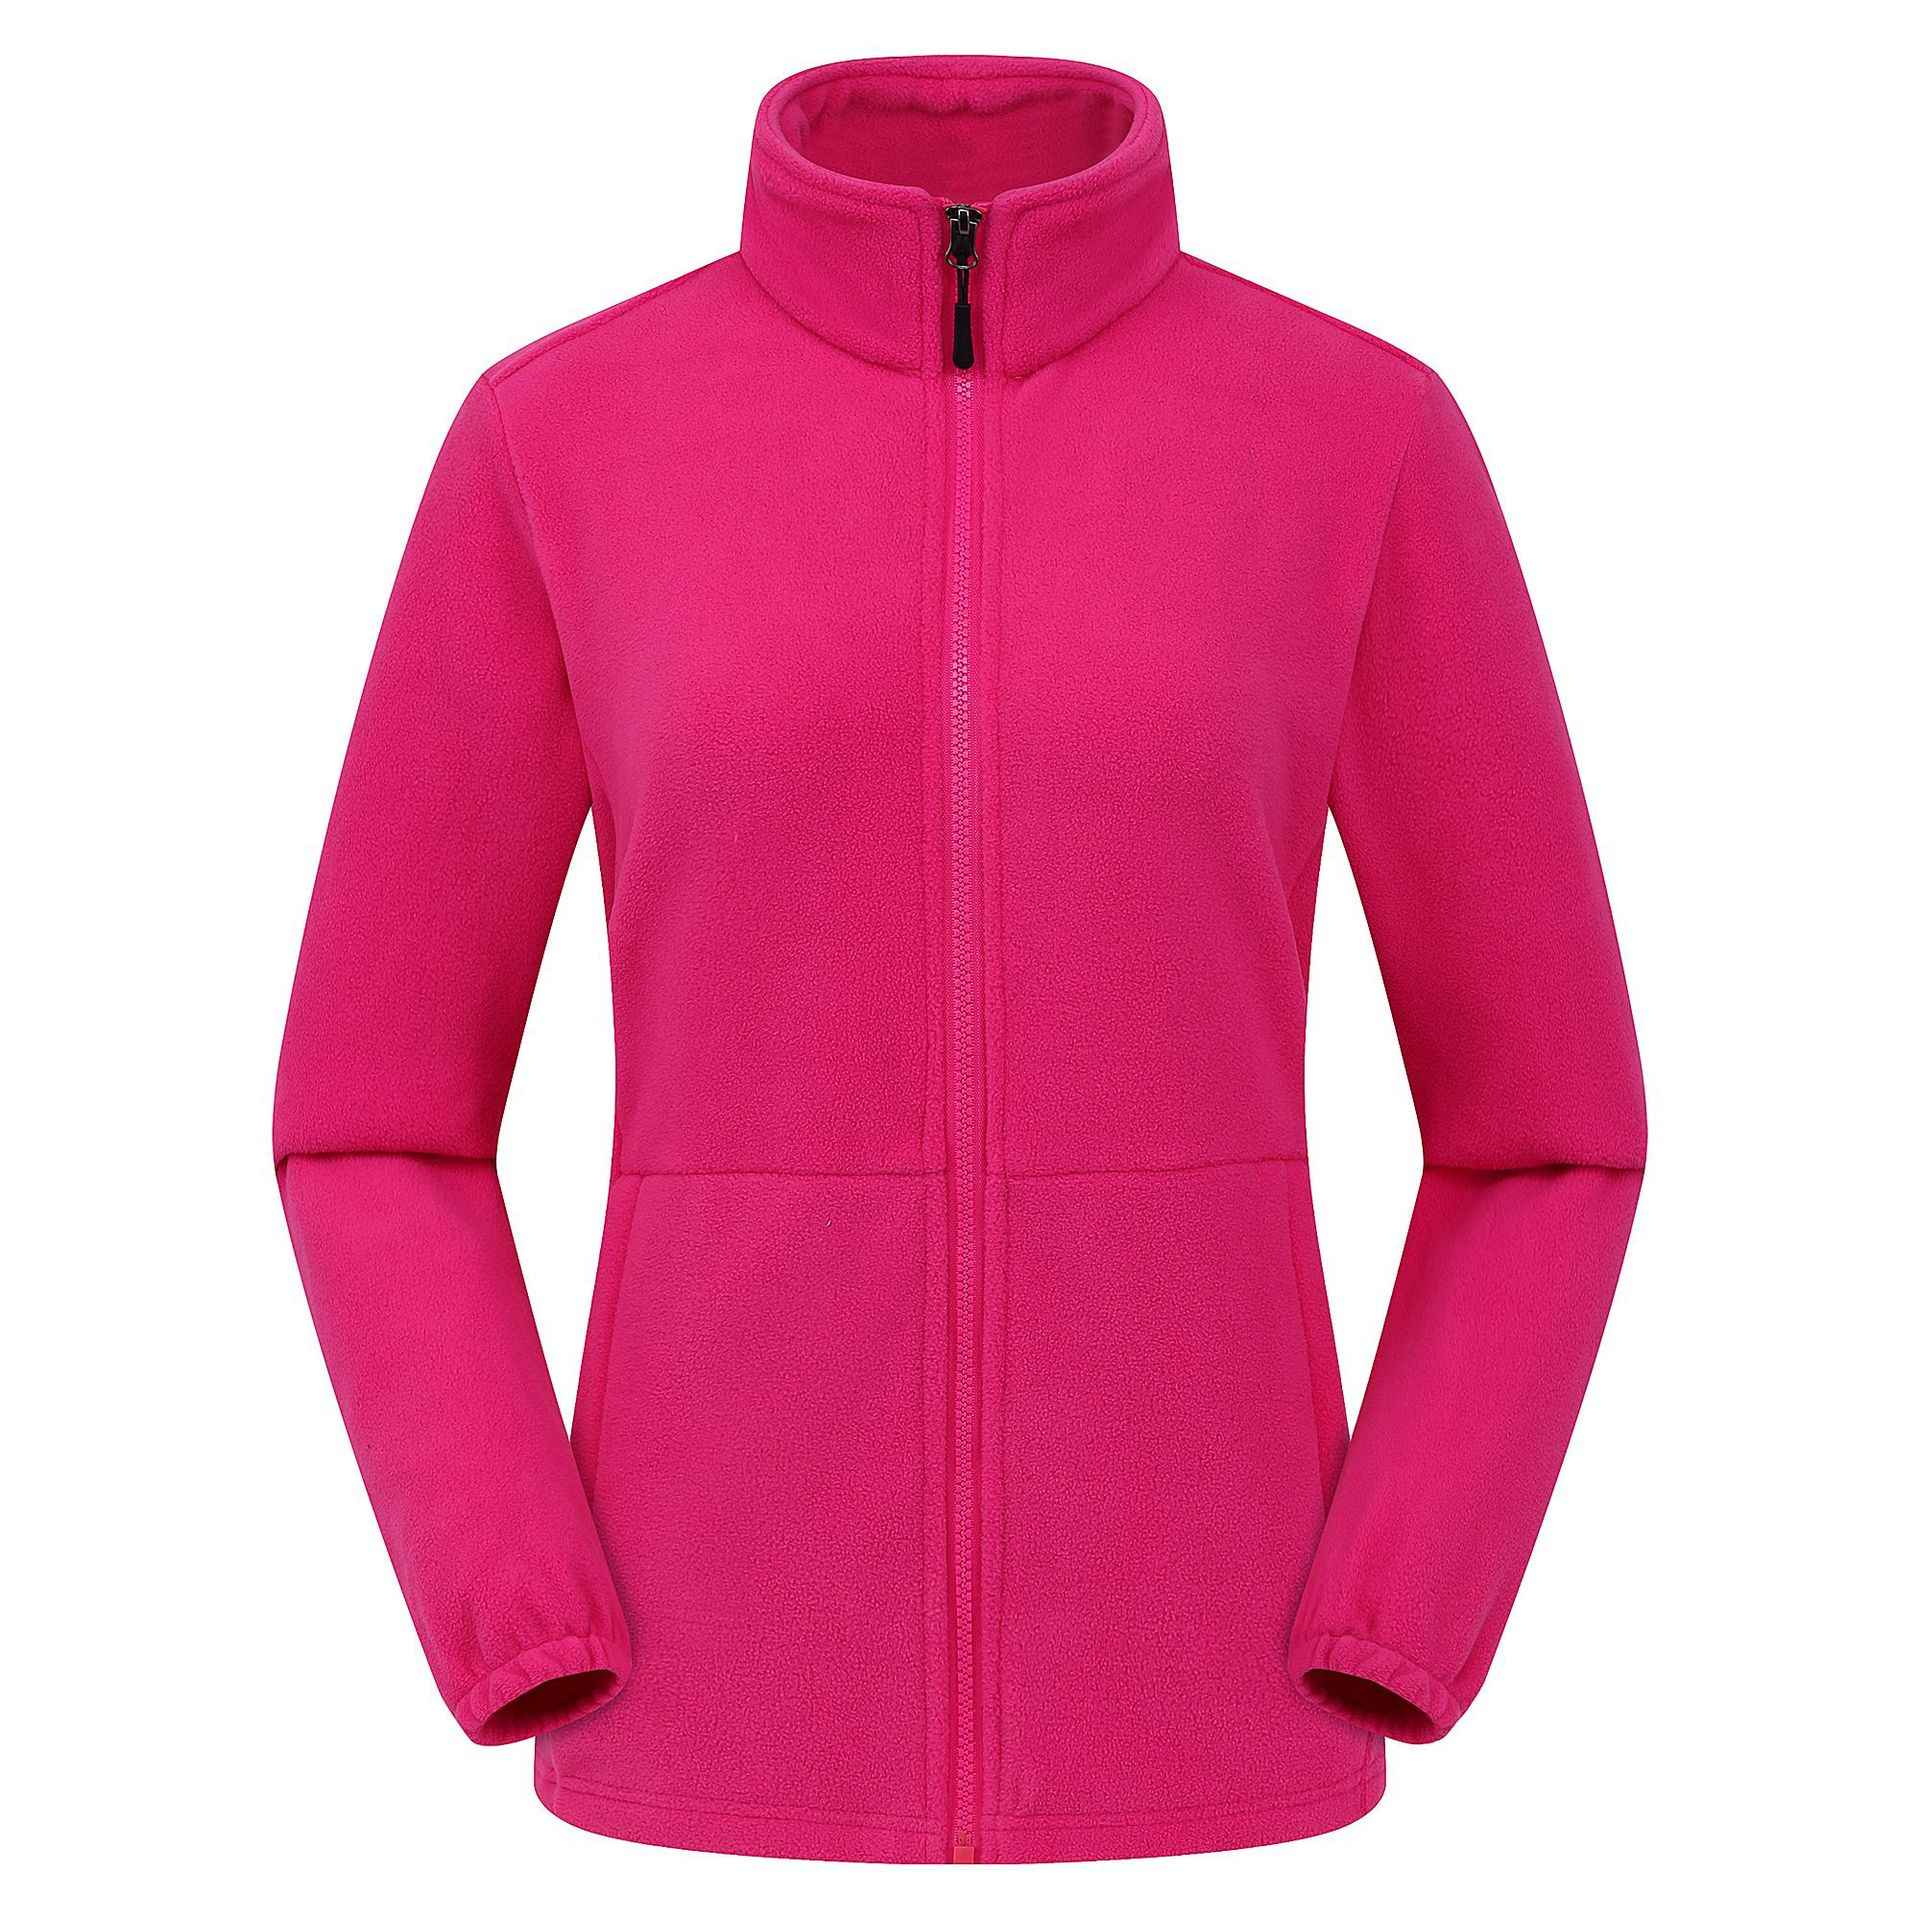 חורף צמר חיצוני Softshell מעיל ספורט חם מעיל גברים ונשים פנימי רך מעטפת טיולי קמפינג מעילים חמים